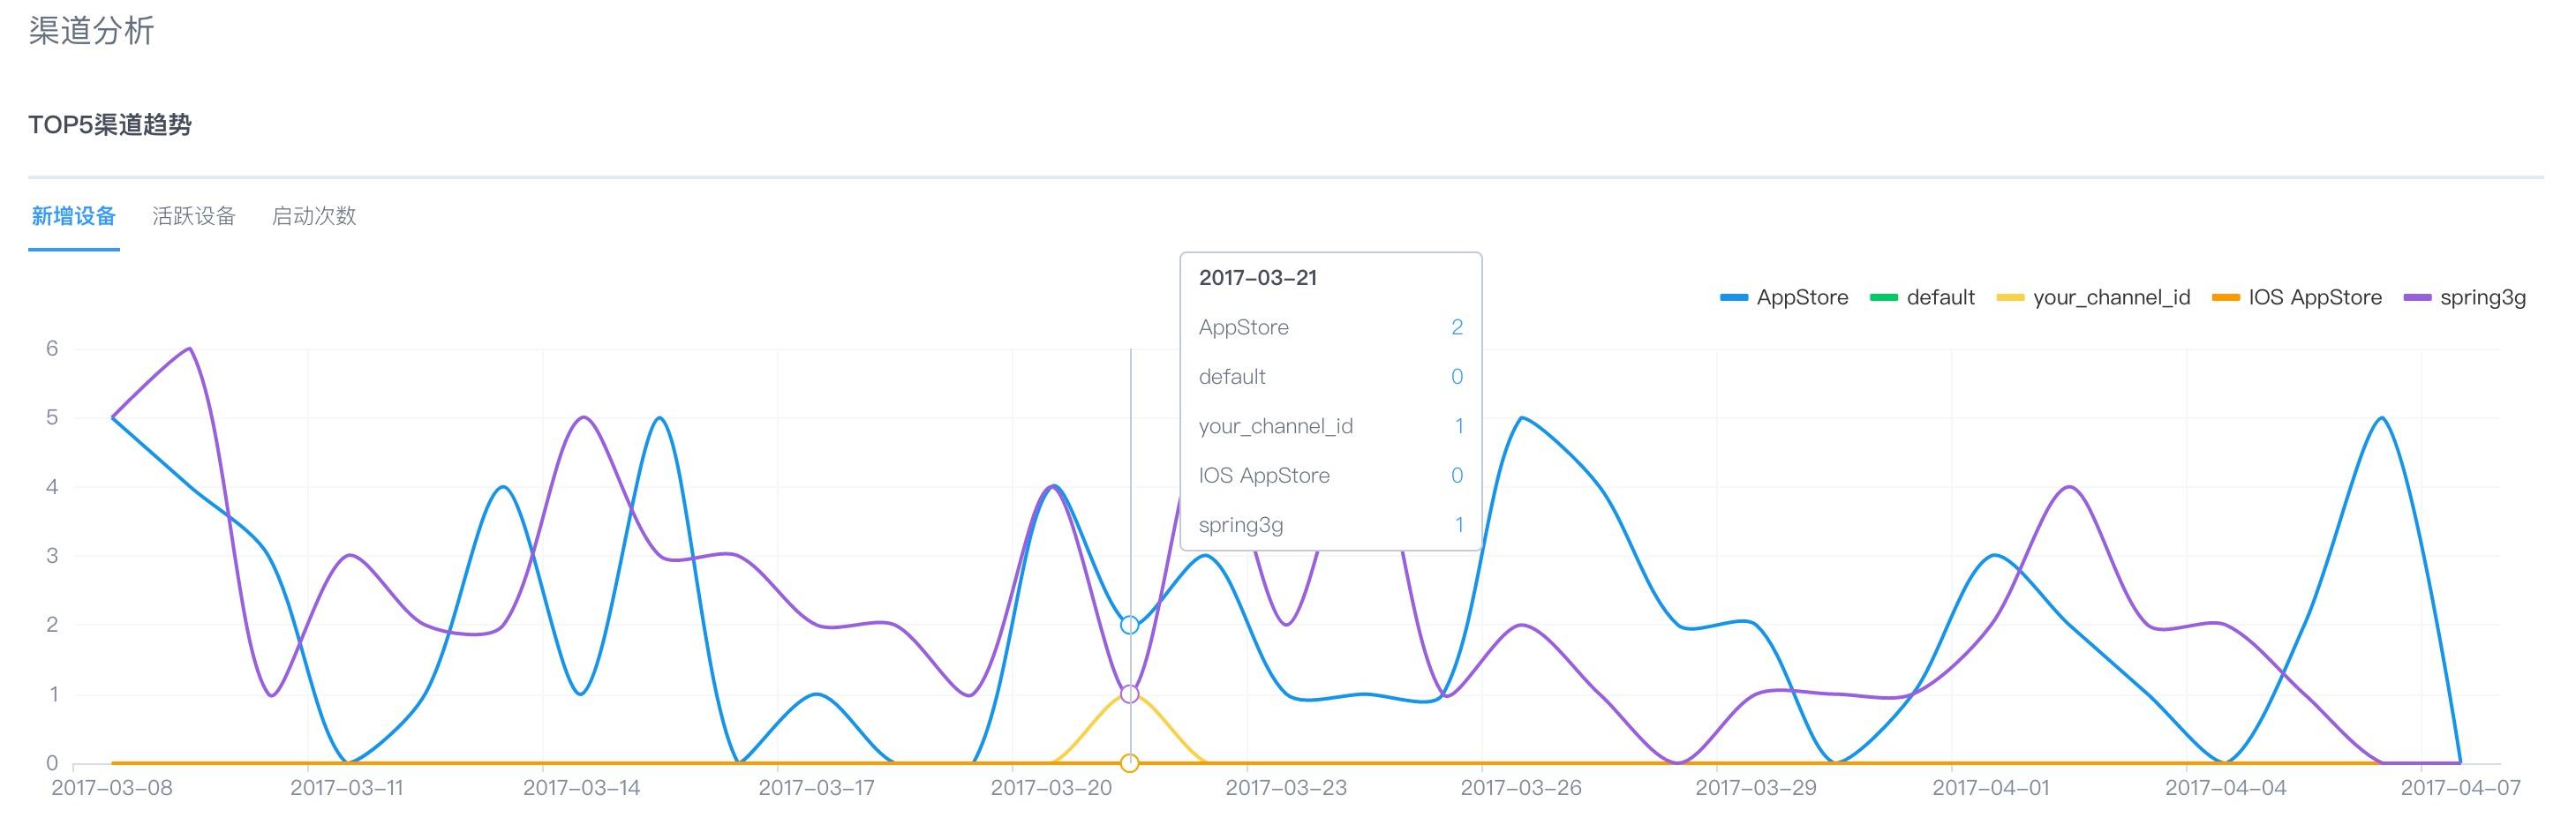 1-1-3-1数据概览-渠道分析-Top 5渠道趋势.png